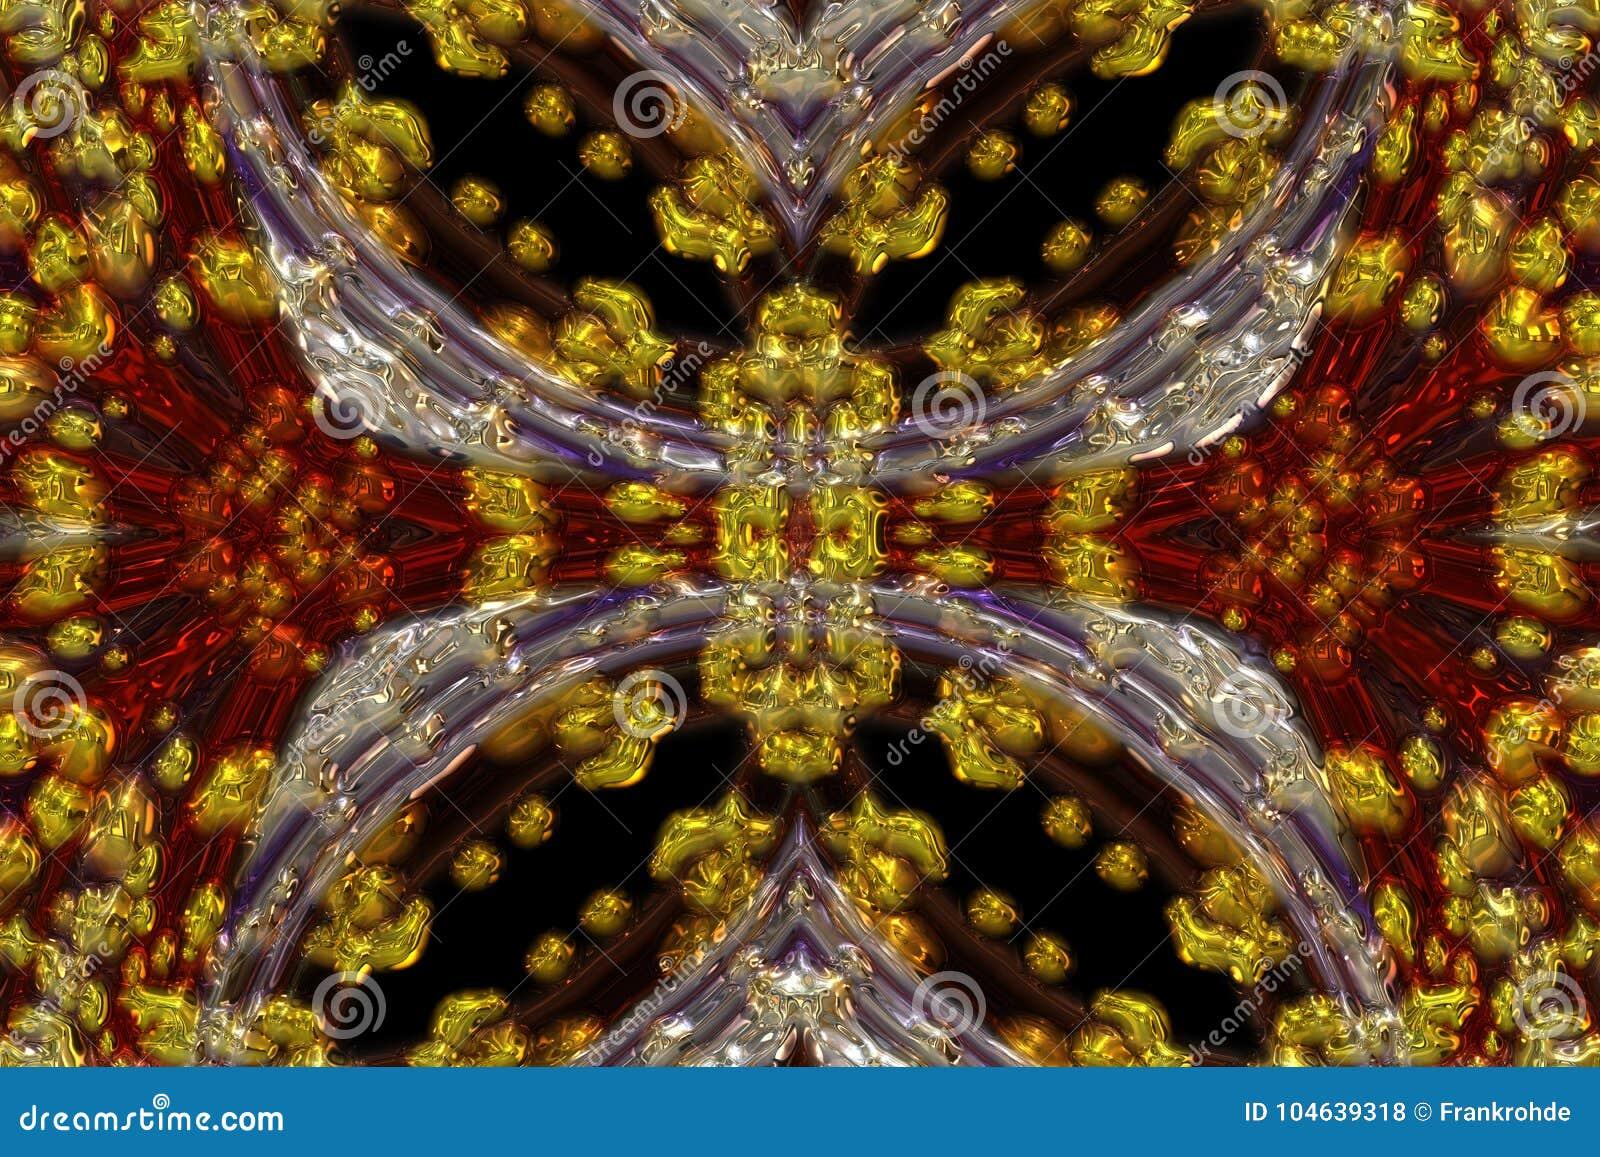 Download Prachtig Samenvatting Geïllustreerd Glasontwerp Stock Illustratie - Illustratie bestaande uit vermaak, decoratief: 104639318